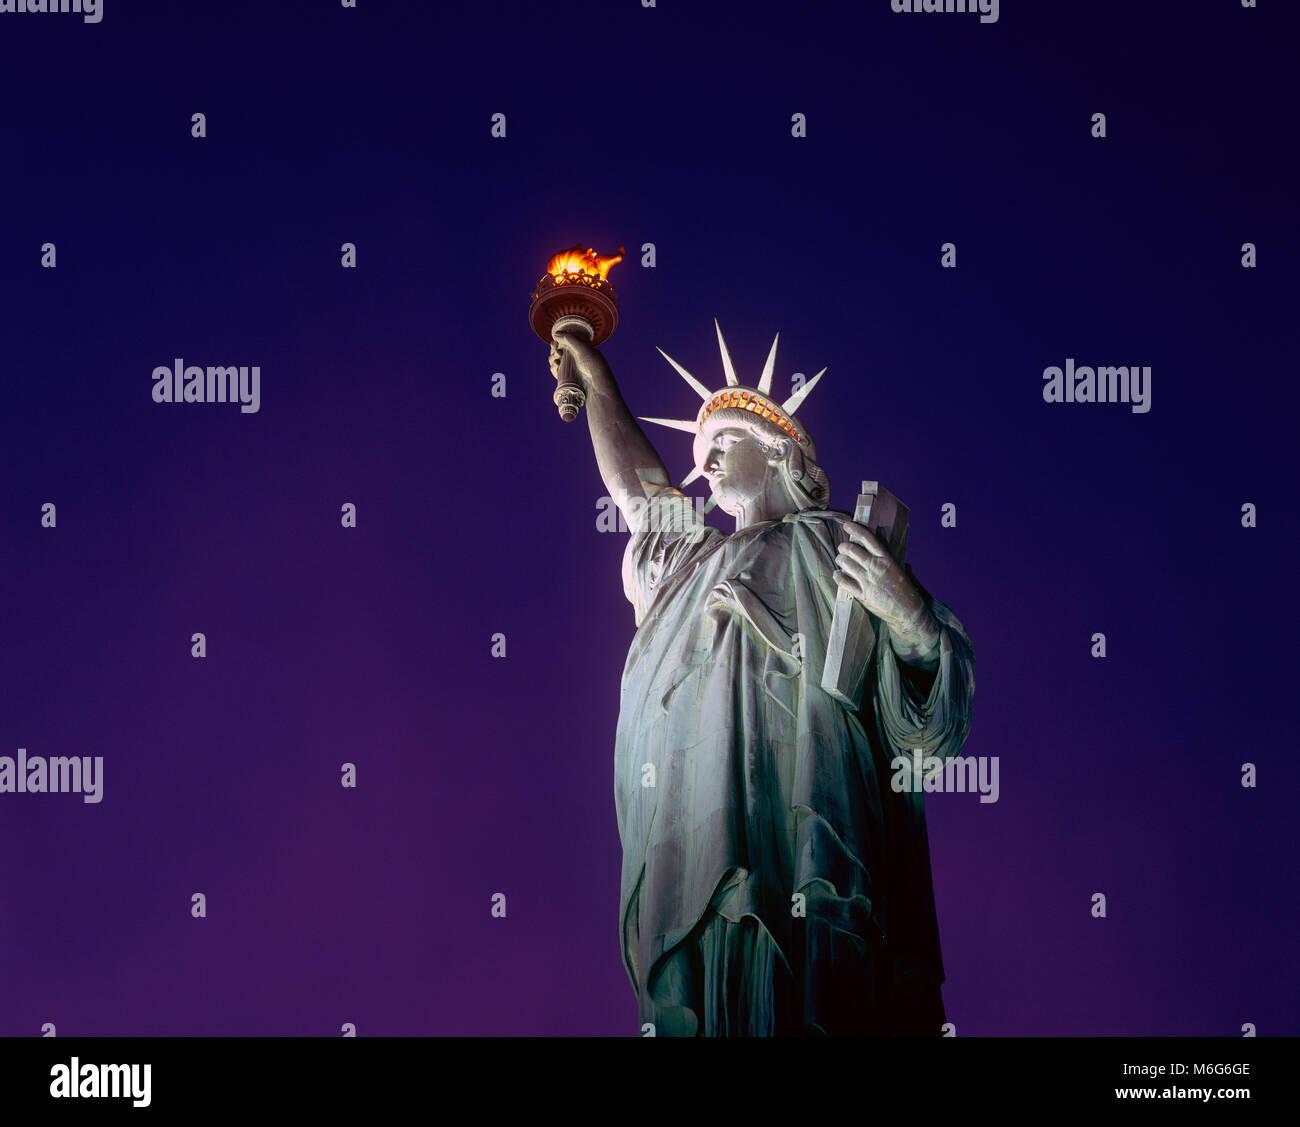 Freiheitsstatue bei Nacht, New York Stockfoto